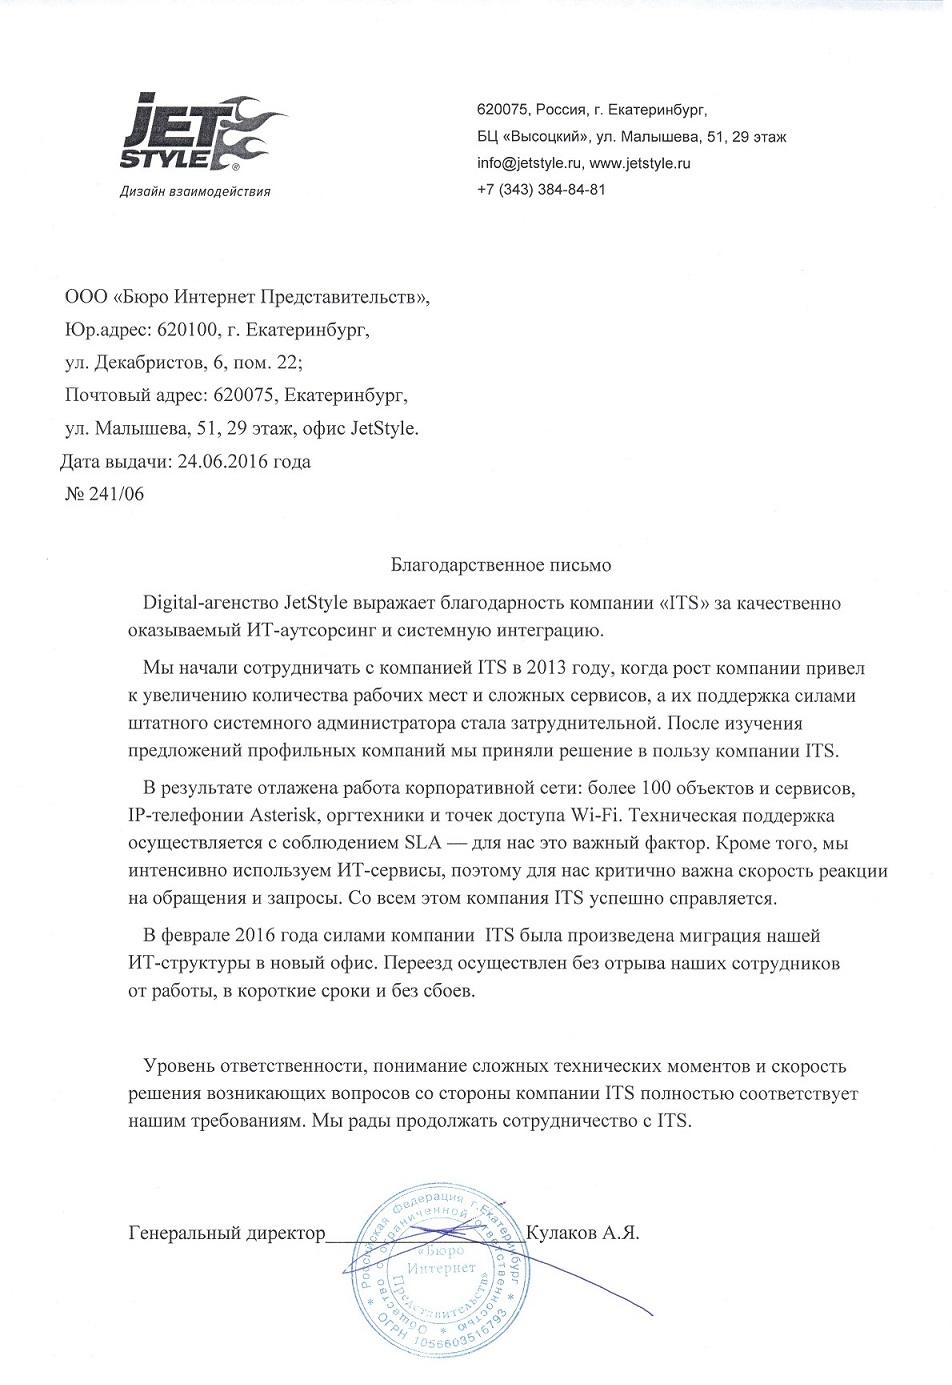 Абонентское обслуживание серверов в Екатеринбурге